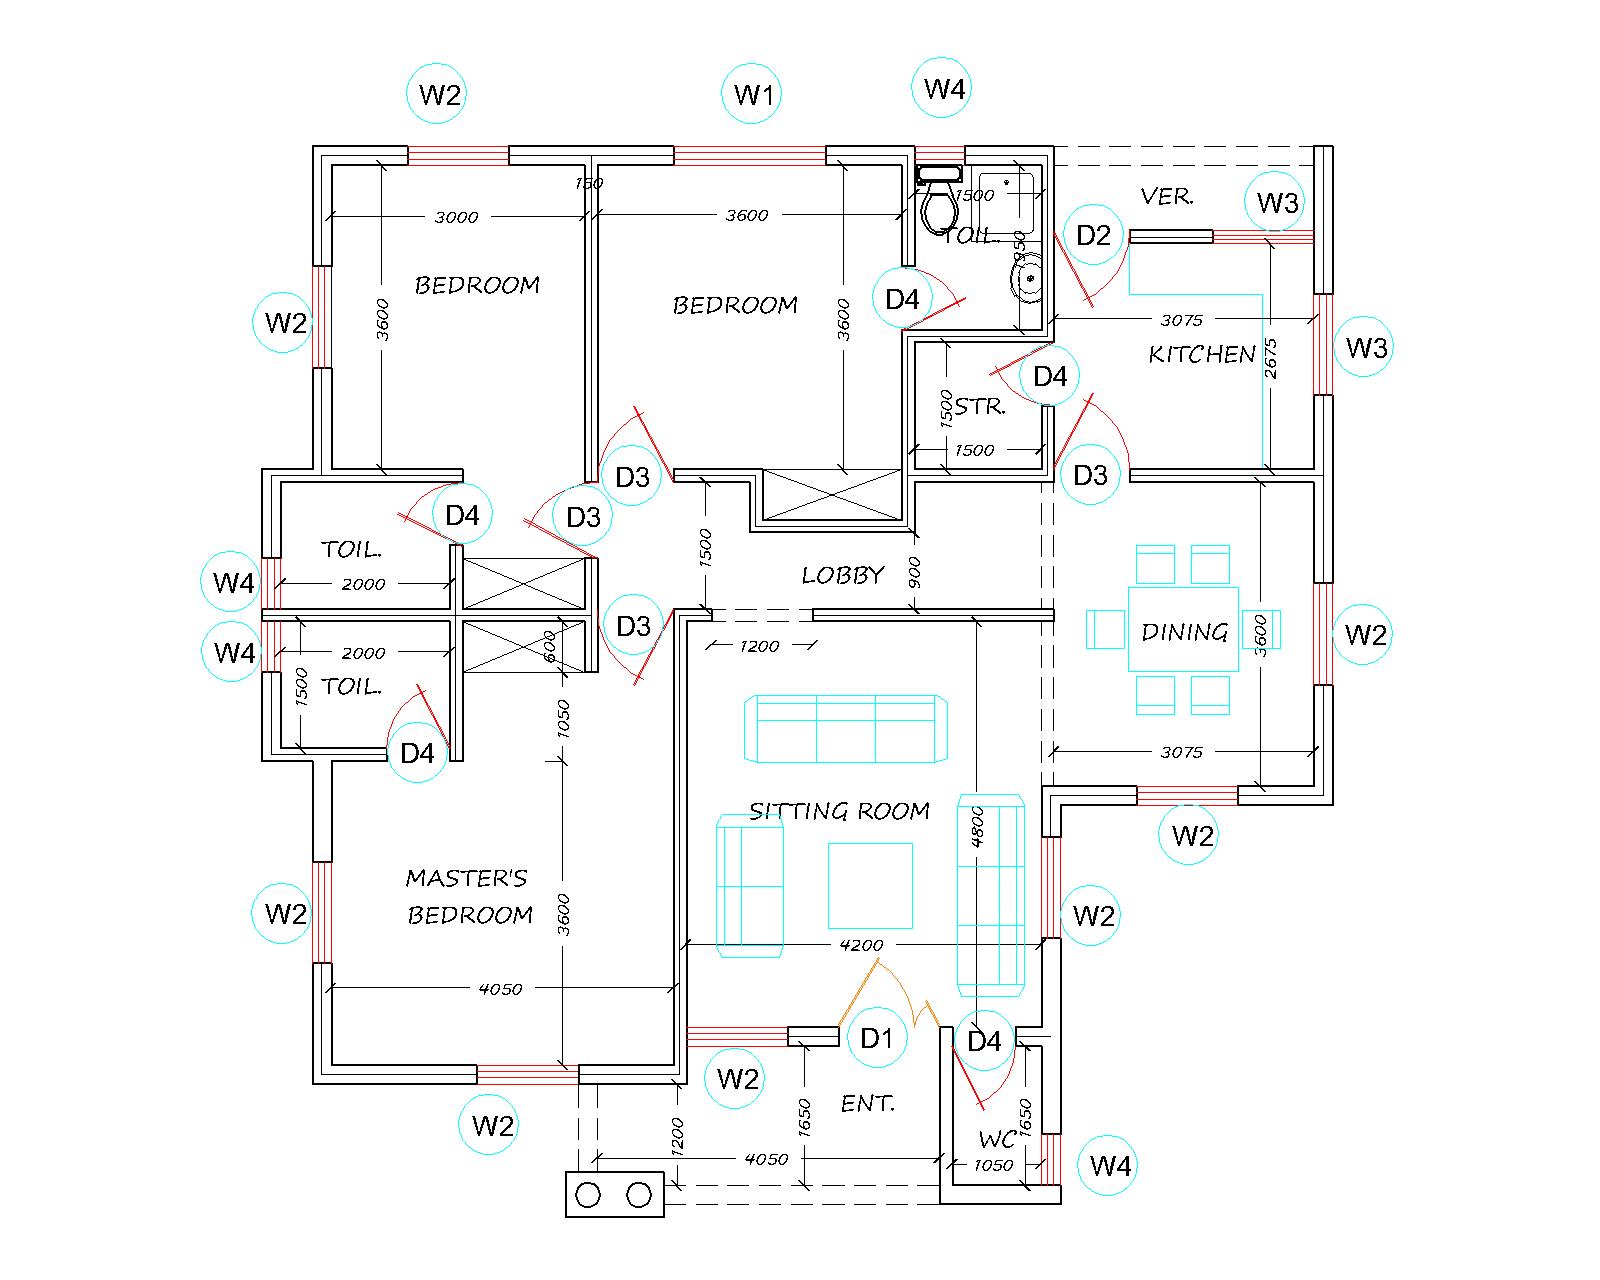 3 Bedroom Apartment Plan Market Bungalow Floor Plans Apartment Floor Plans 3 Bedroom Apartment